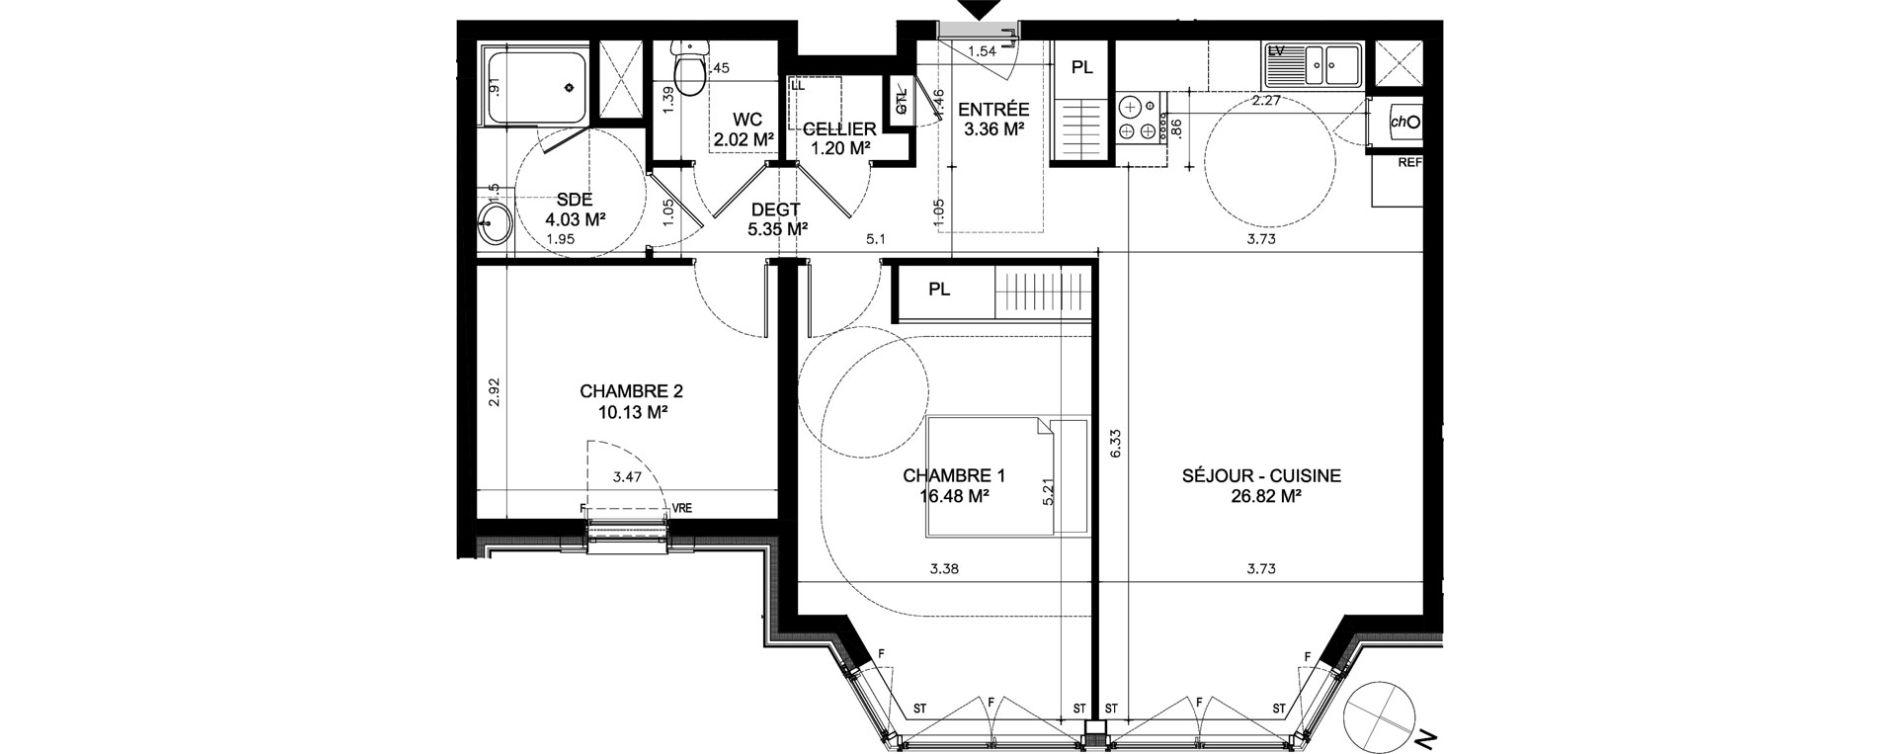 Appartement T3 de 69,39 m2 à Dinard Dinard centre ville